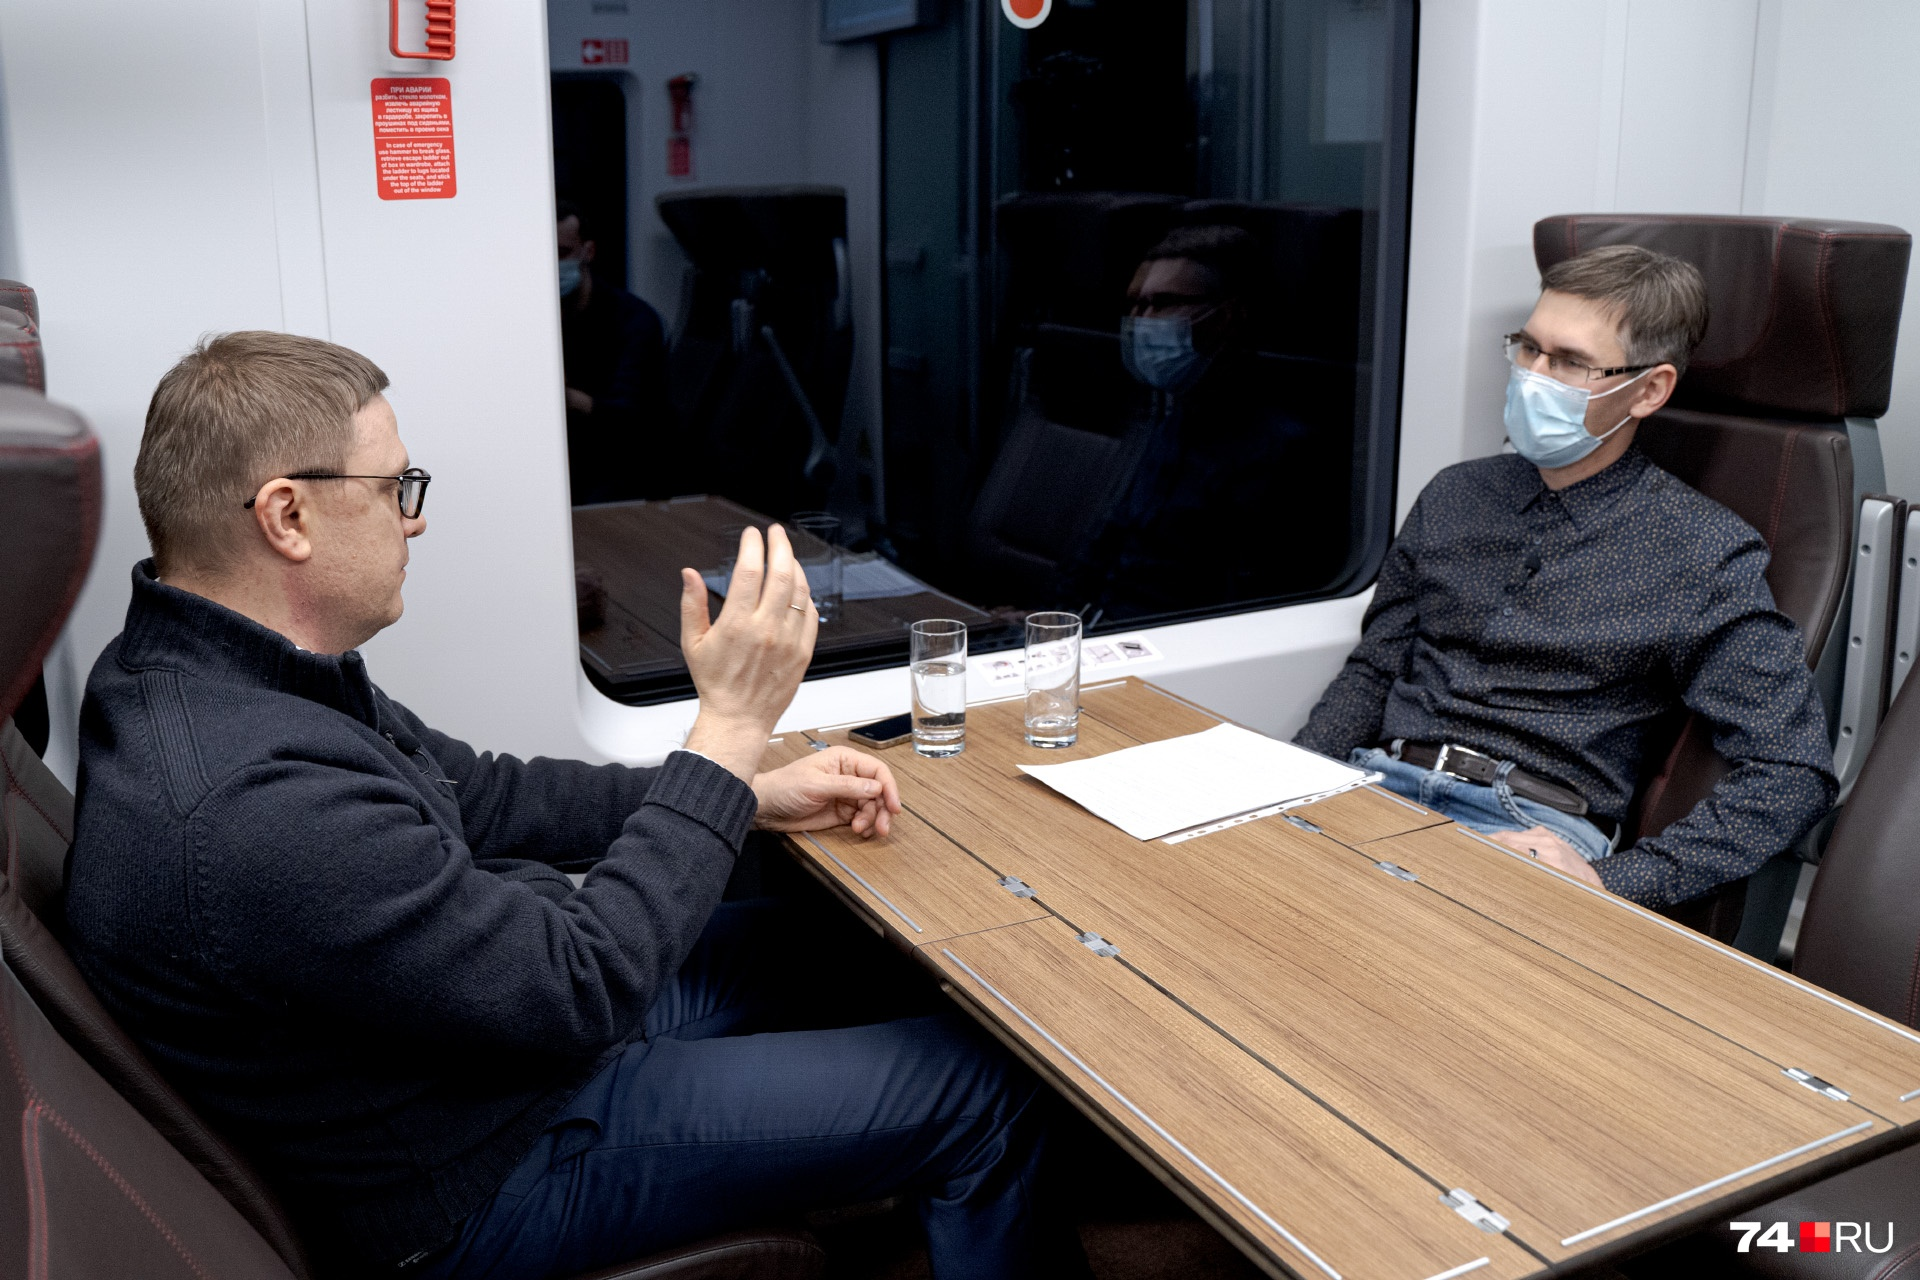 До этого интервью наш журналист Артём Краснов не встречал губернаторов ни разу. Ни Текслера, ни его предшественников